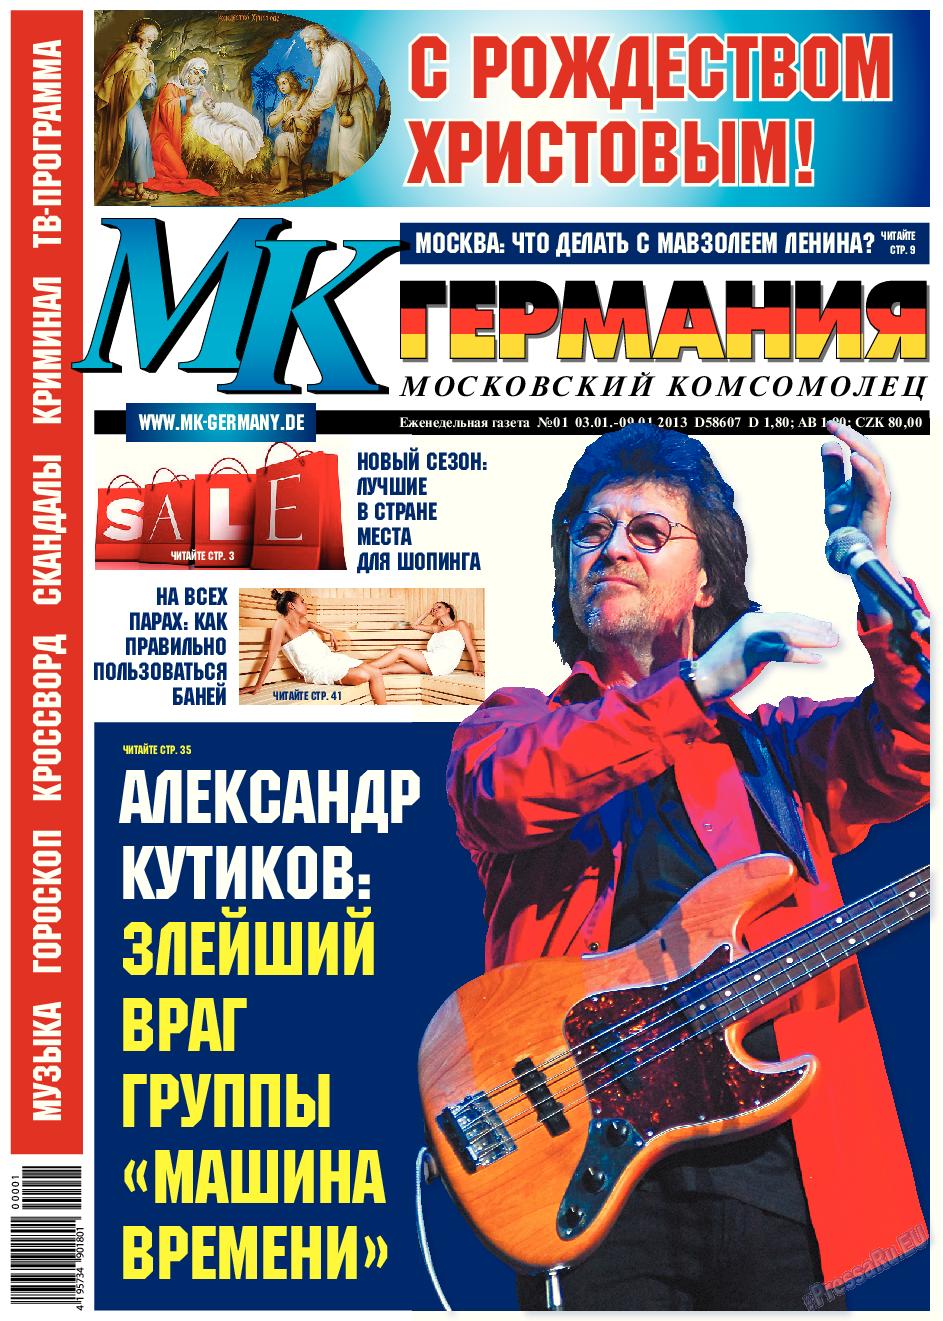 МК-Германия (газета). 2013 год, номер 1, стр. 1